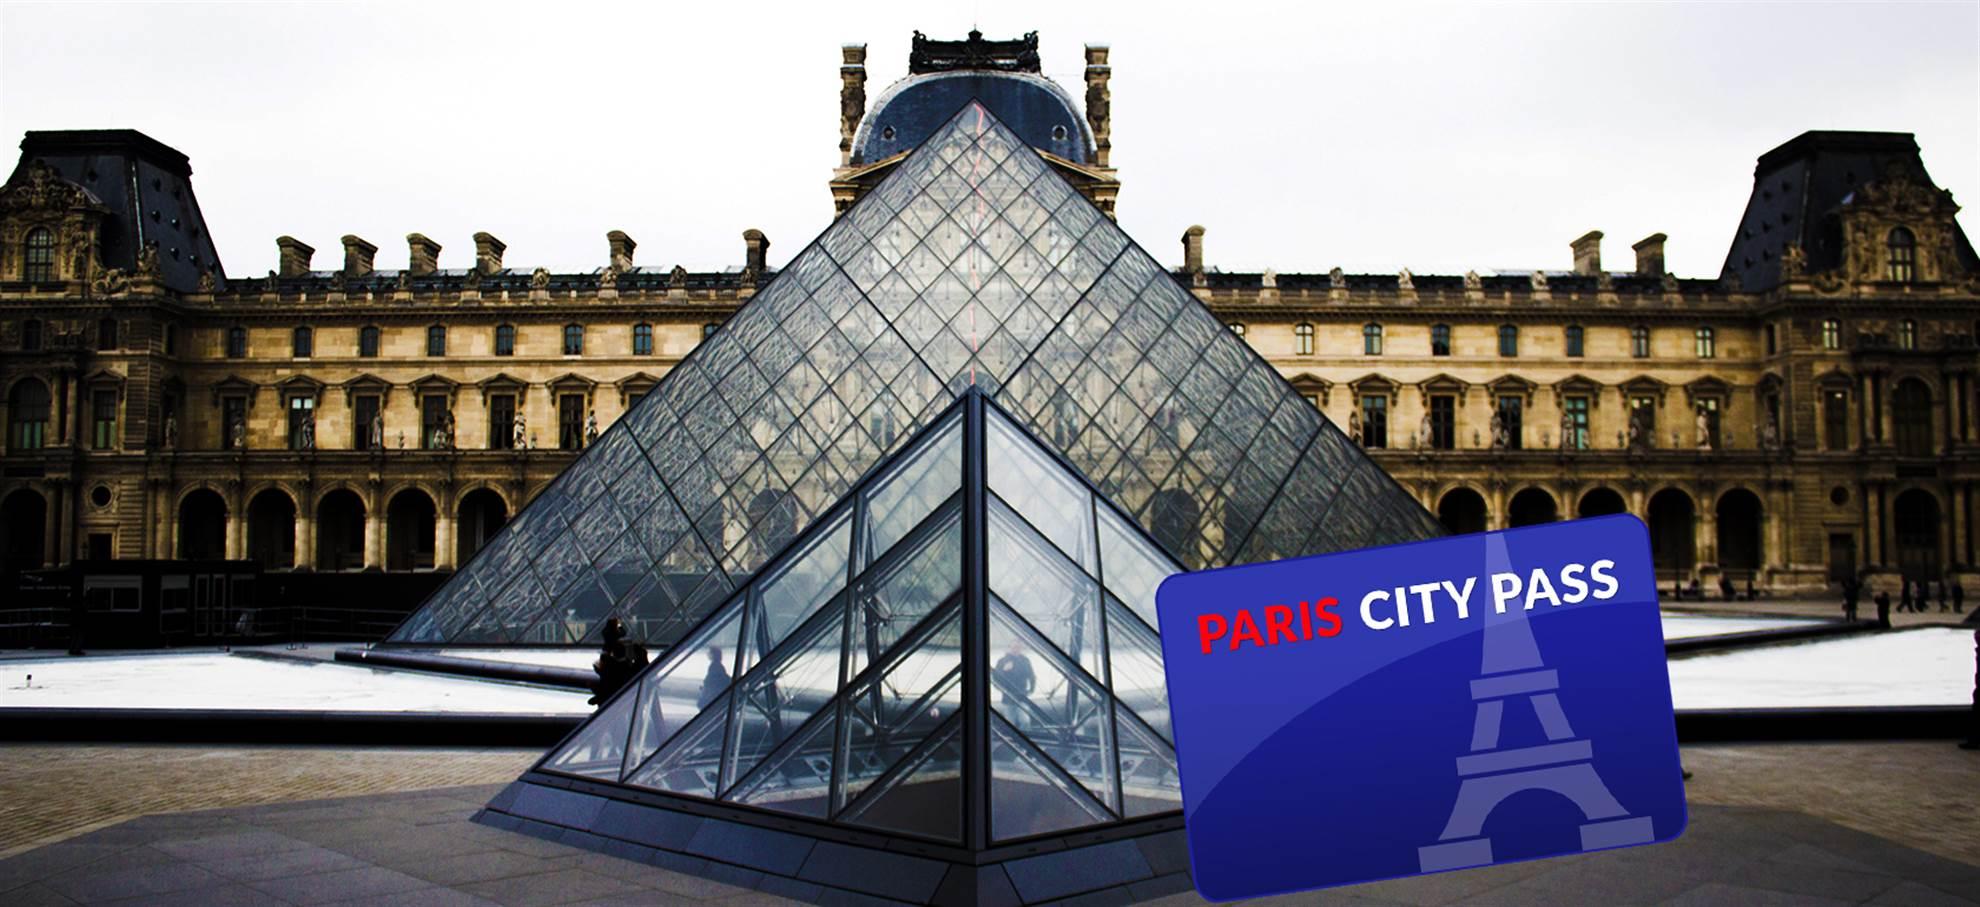 Париж City Pass